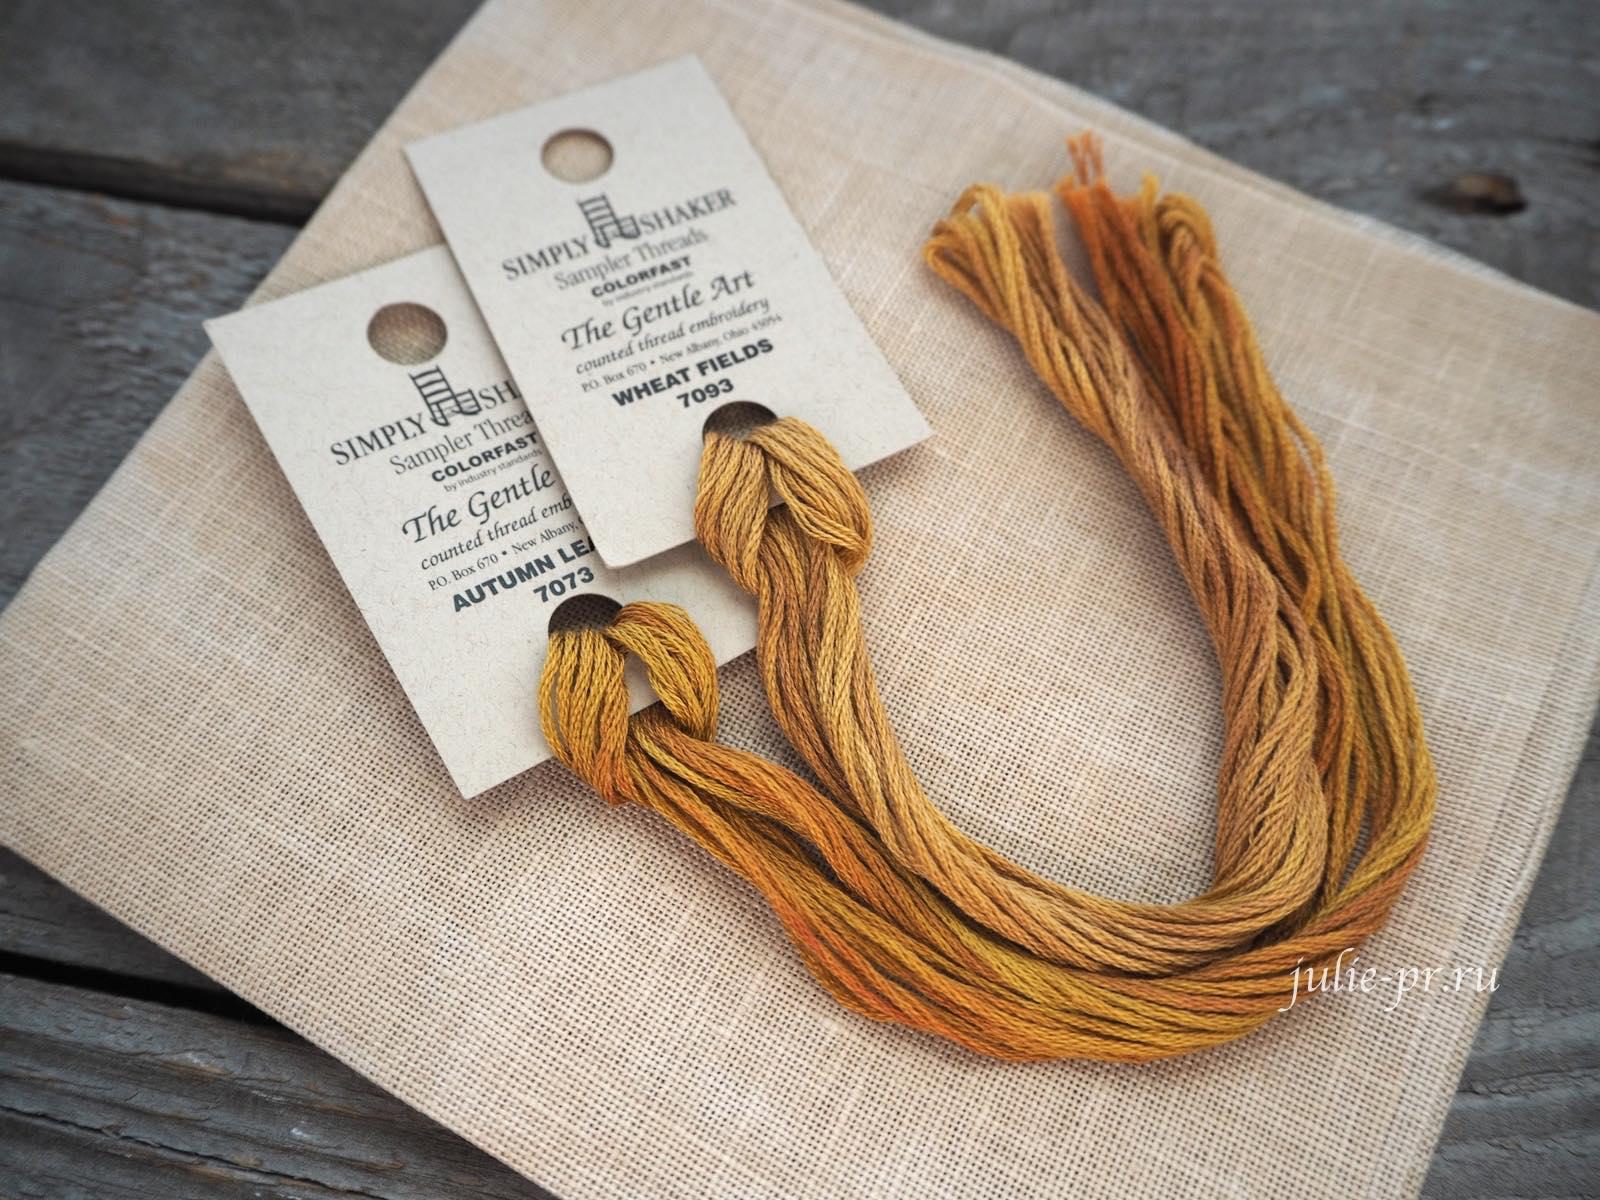 вышивка крестом, нитки ручного окрашивания The Gentle Art, Simply Shaker Sampler Threads